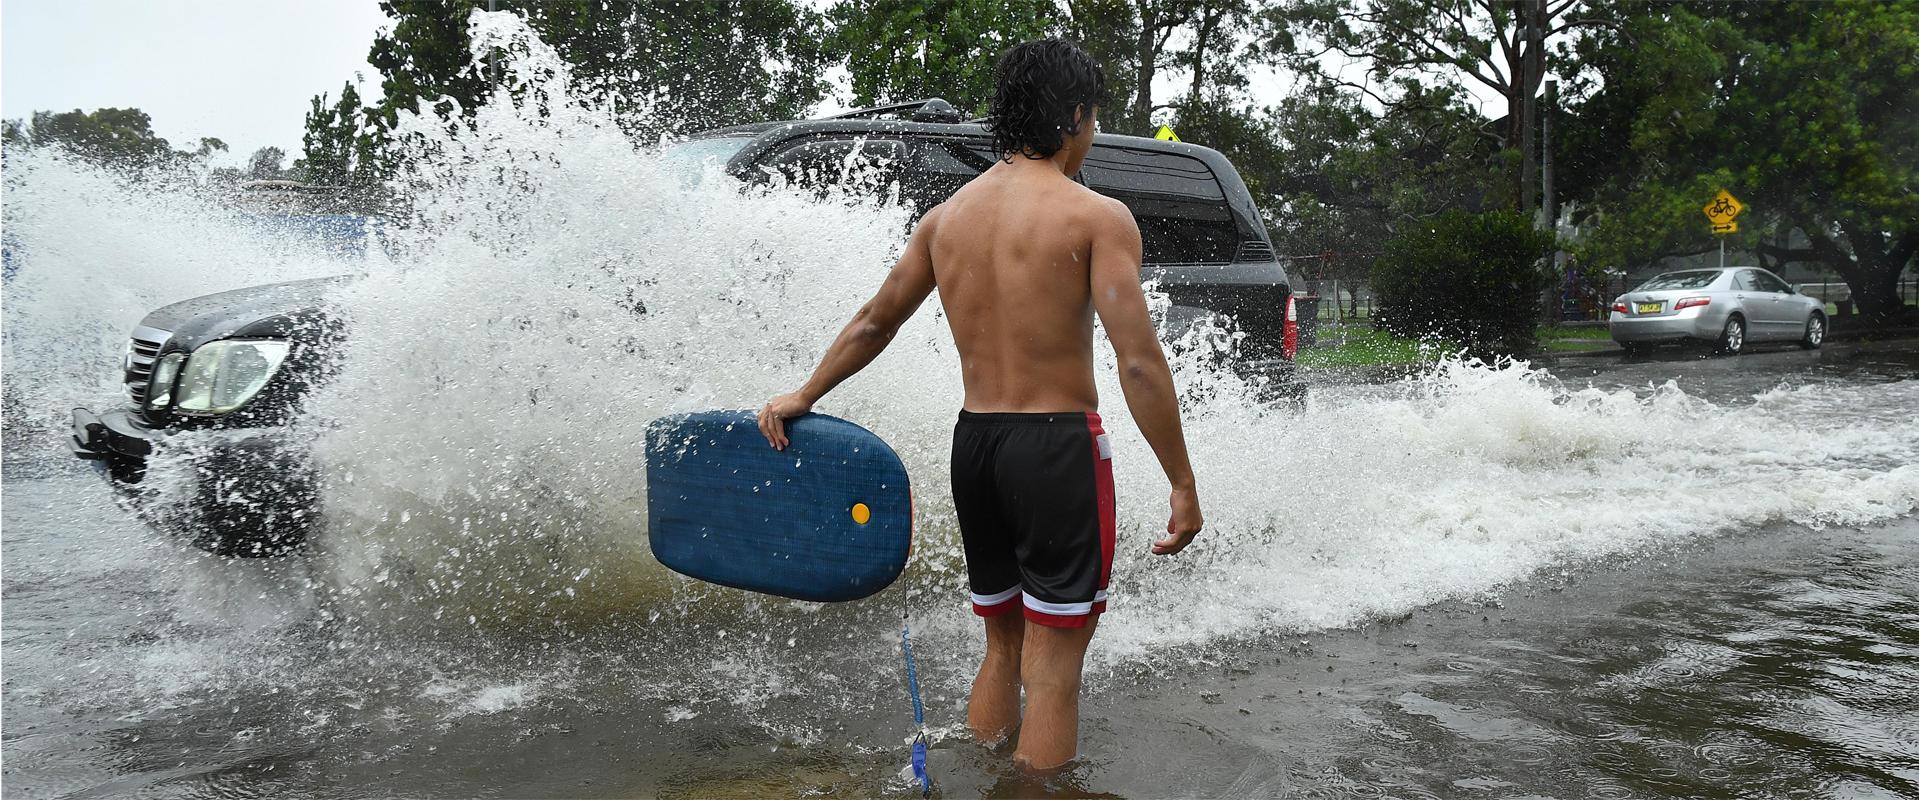 Lluvias torrenciales en Sídney